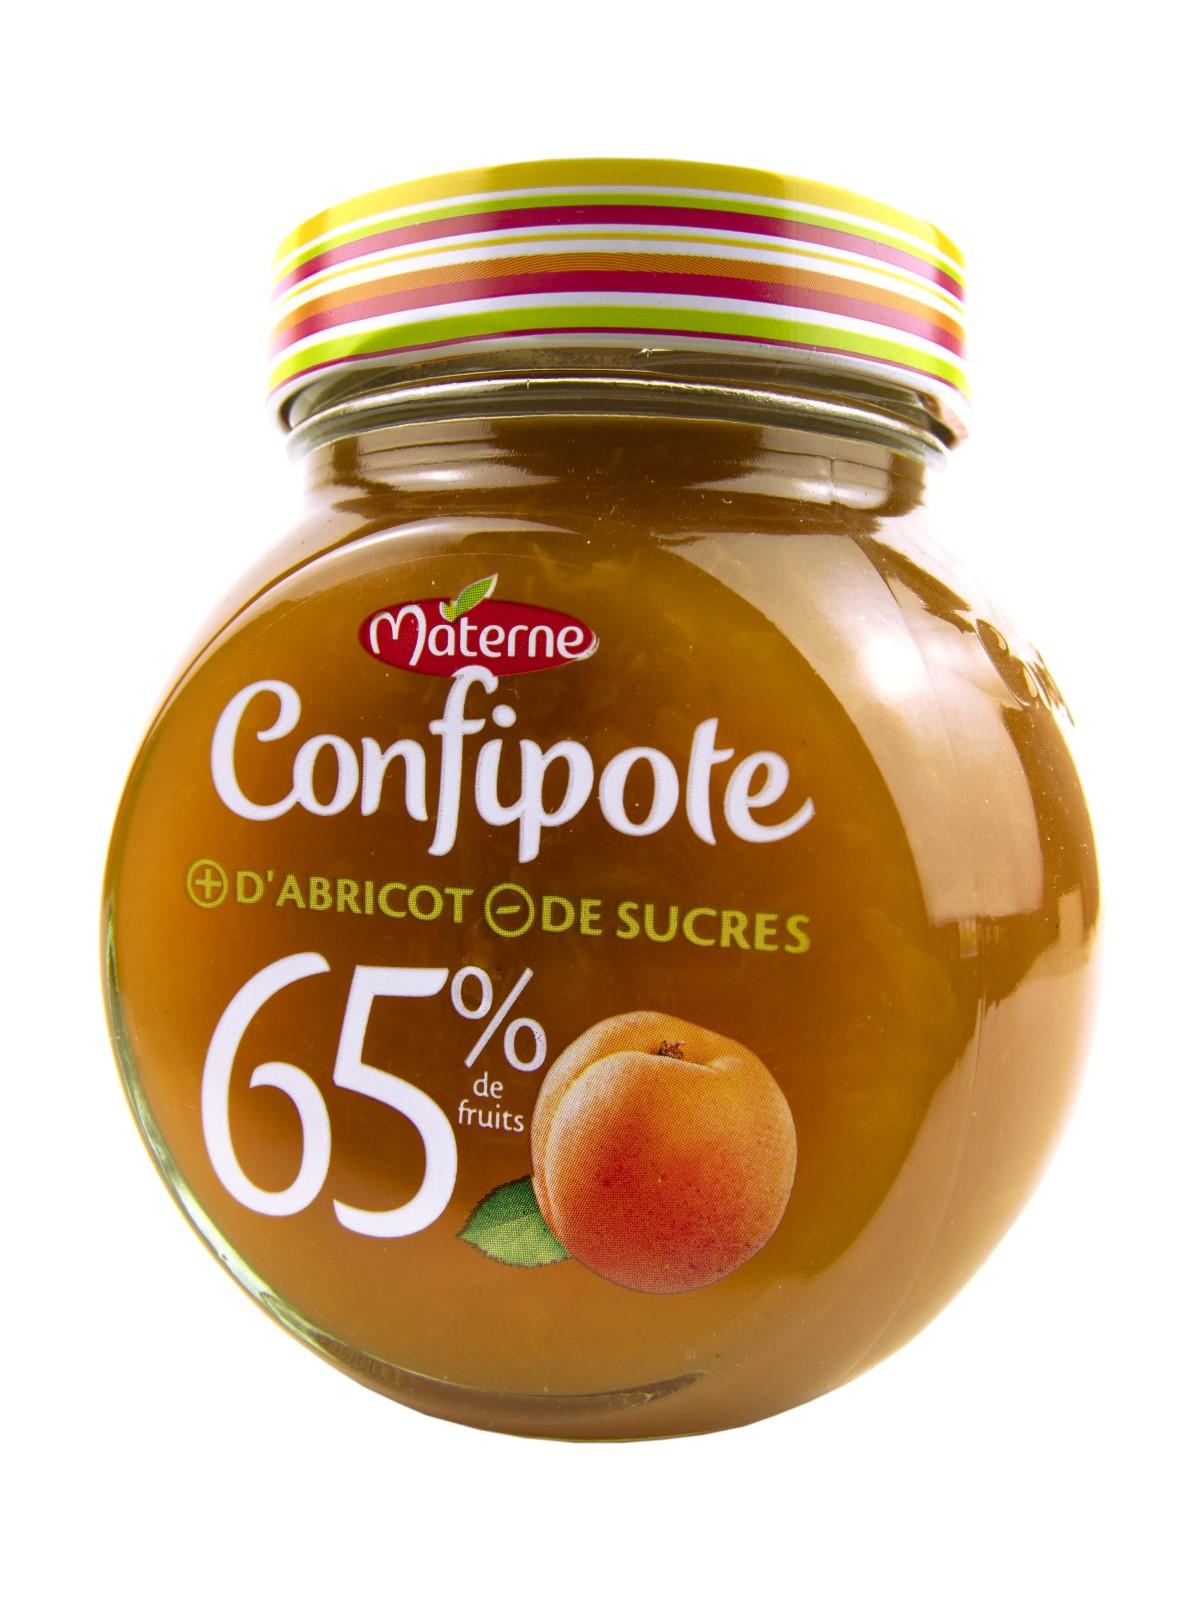 Абрикосовое варенье Materne Confipote с пониженным содержанием сахара, 350 г., Франция александр солженицын эго абрикосовое варенье все равно адлиг швенкиттен